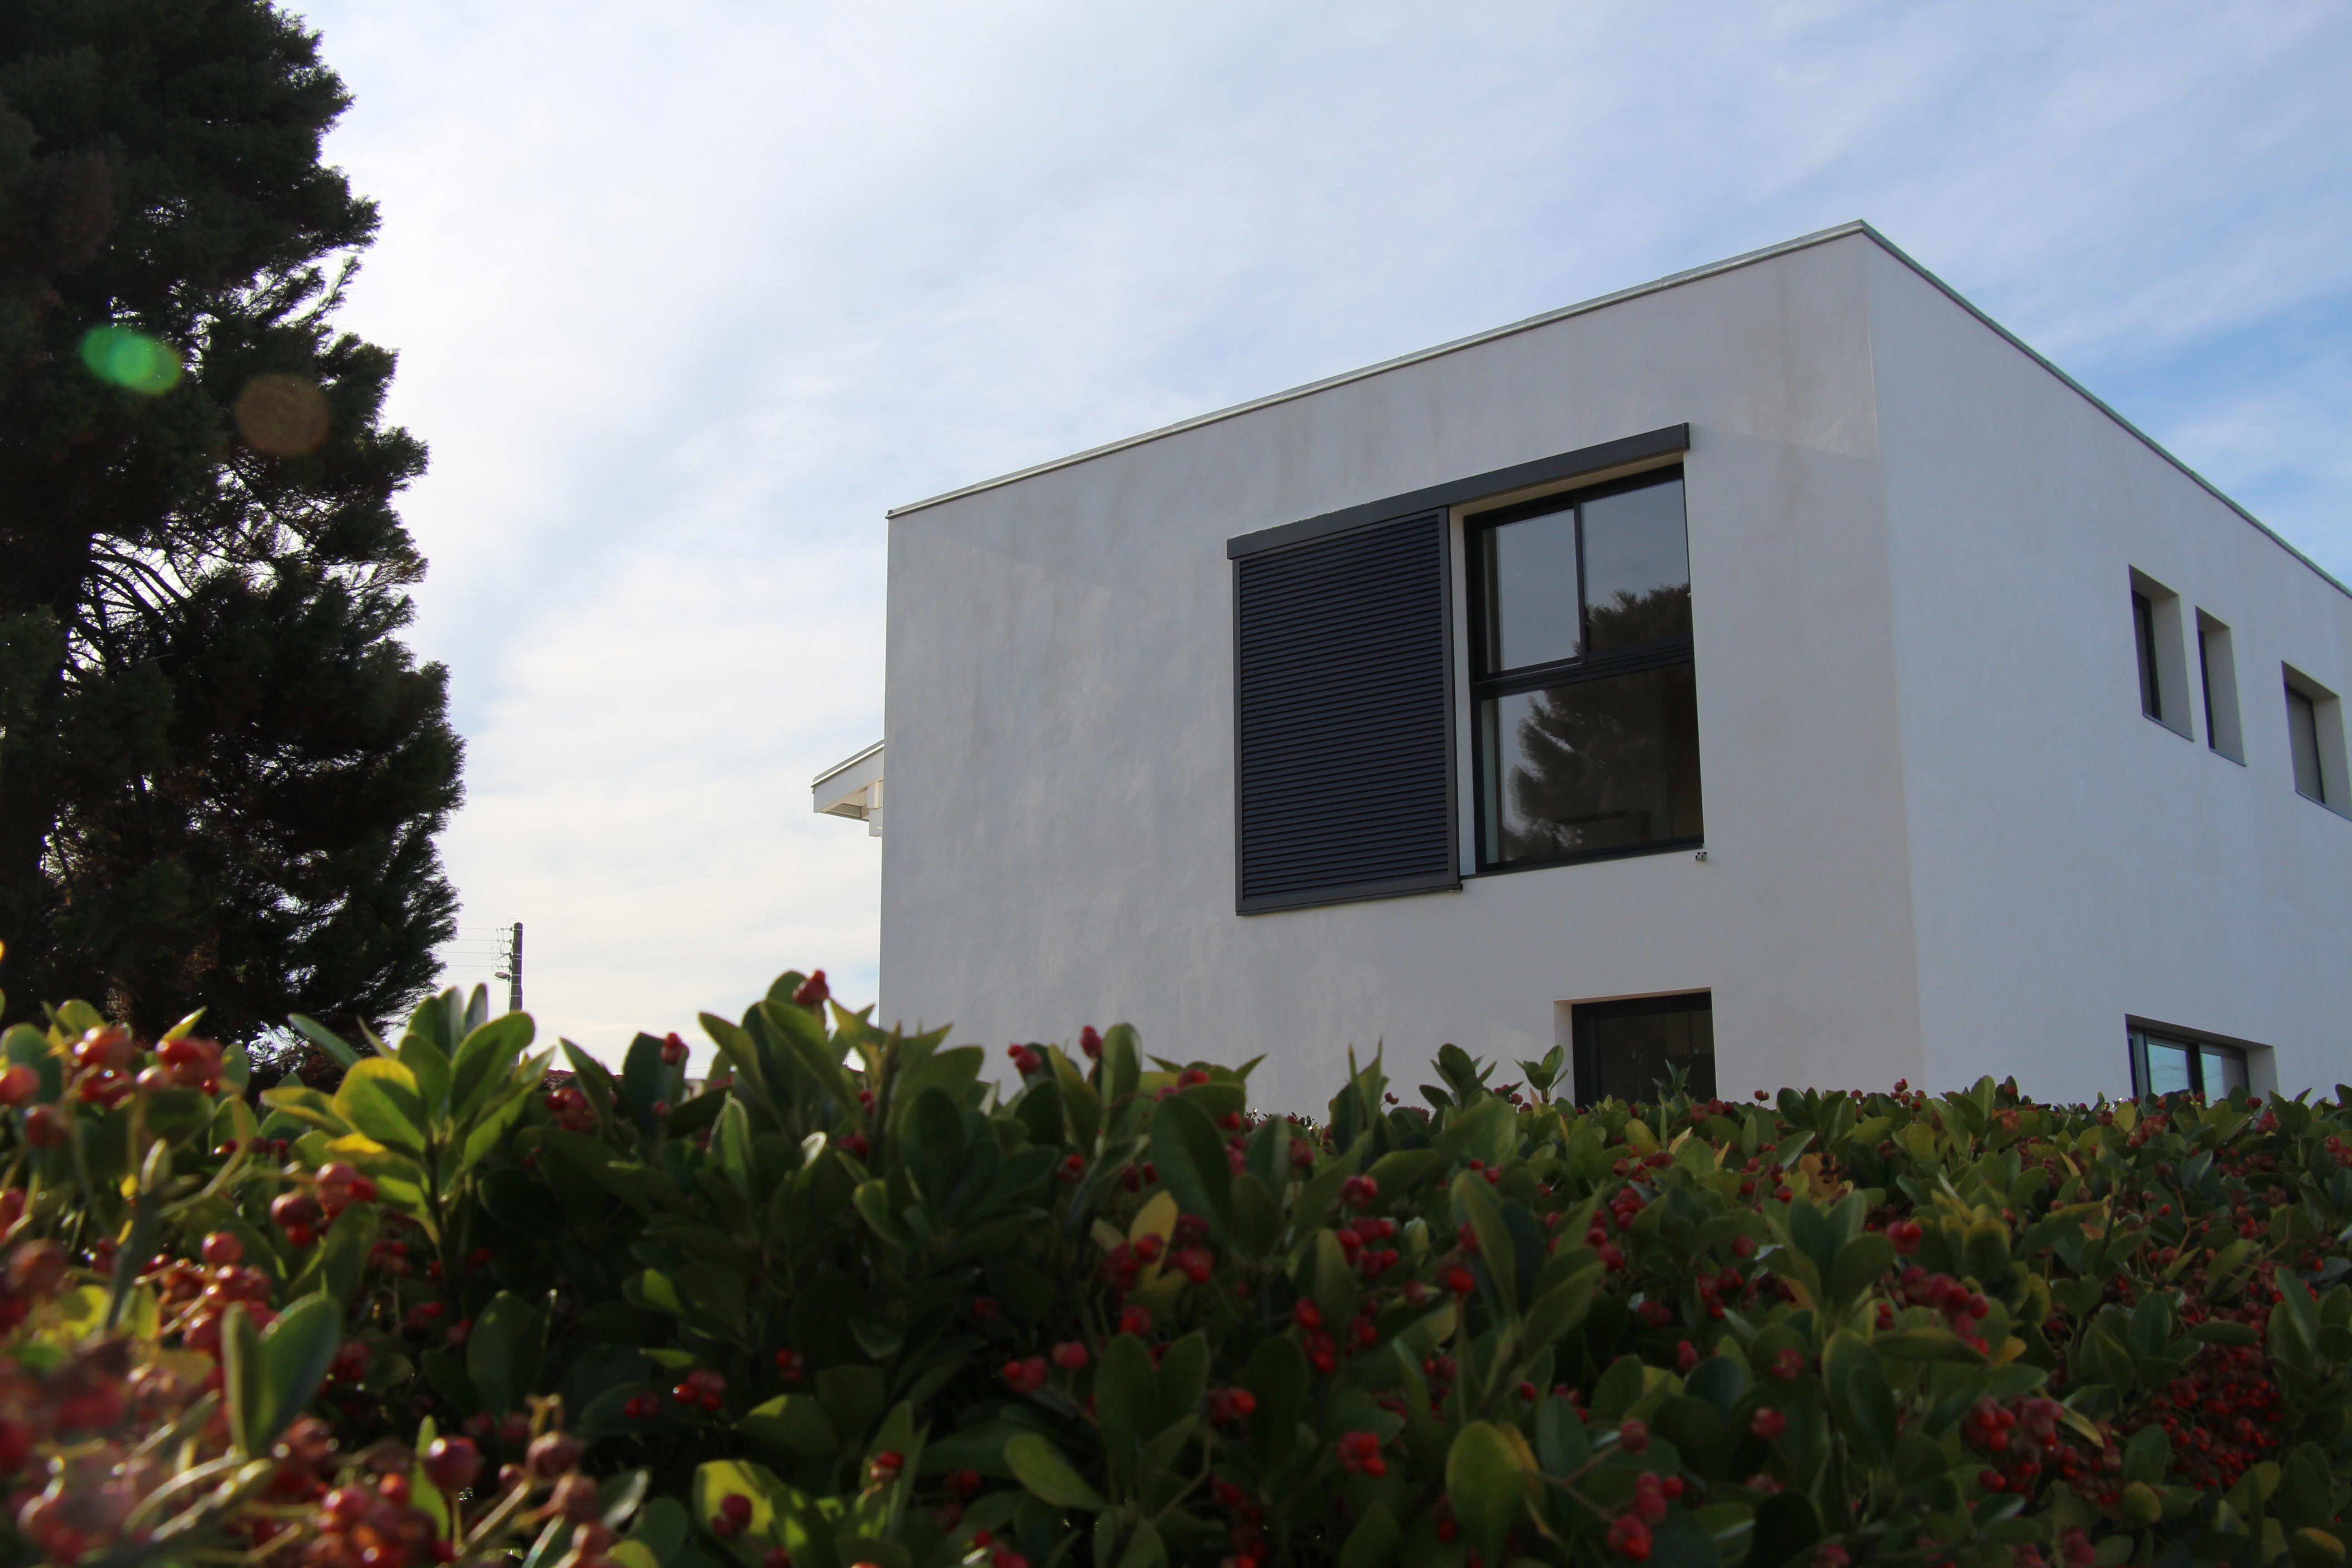 Stephan architecte maison cologique anglet for Architecte maison ecologique